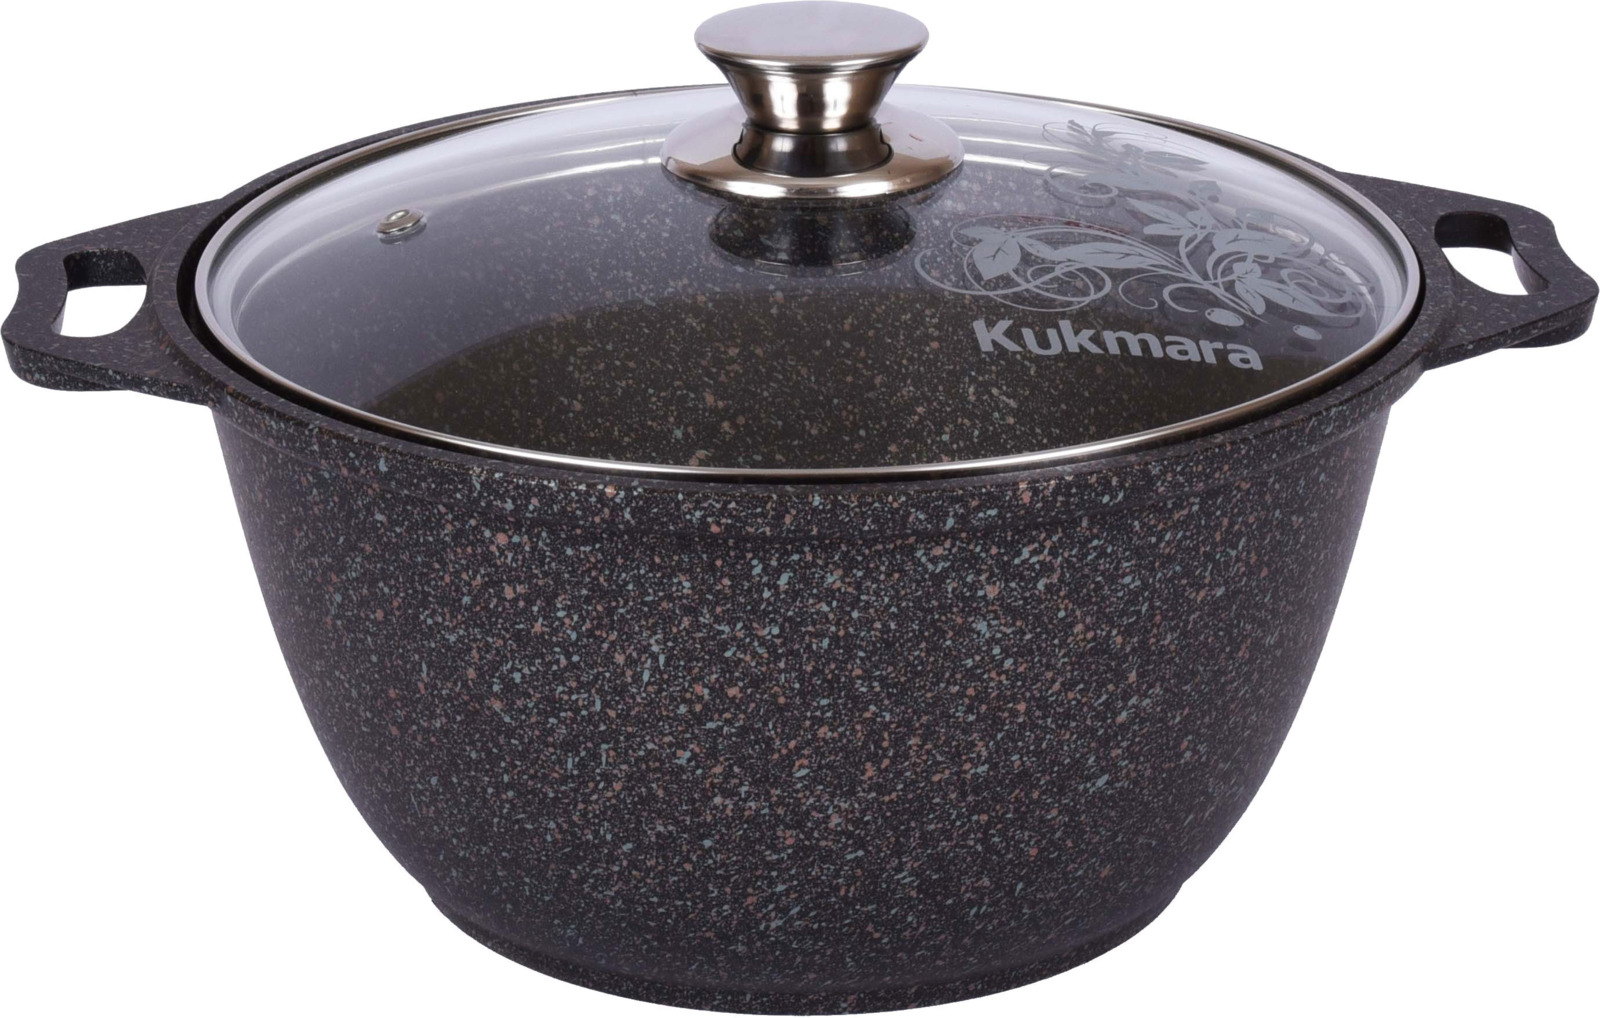 Кастрюля Kukmara Granit ultra, с мраморным антипригарным покрытием, с крышкой, цвет: темно-серый, 3 л кастрюля kukmara светлый мрамор с крышкой с антипригарным покрытием со съемной ручкой 1 5 л